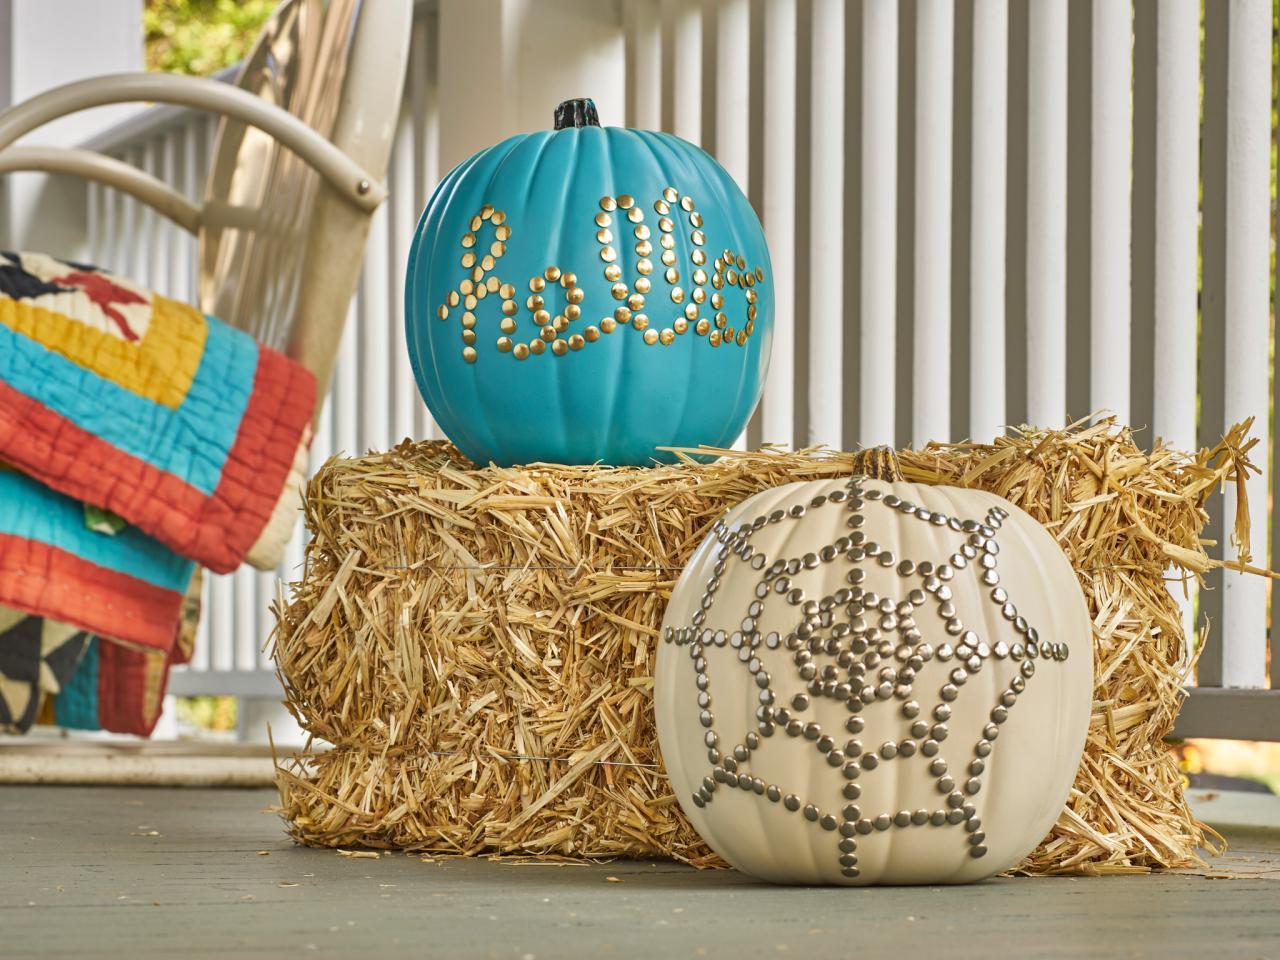 Drawn pumpkin thumbtack Glam Show Make All Pumpkin